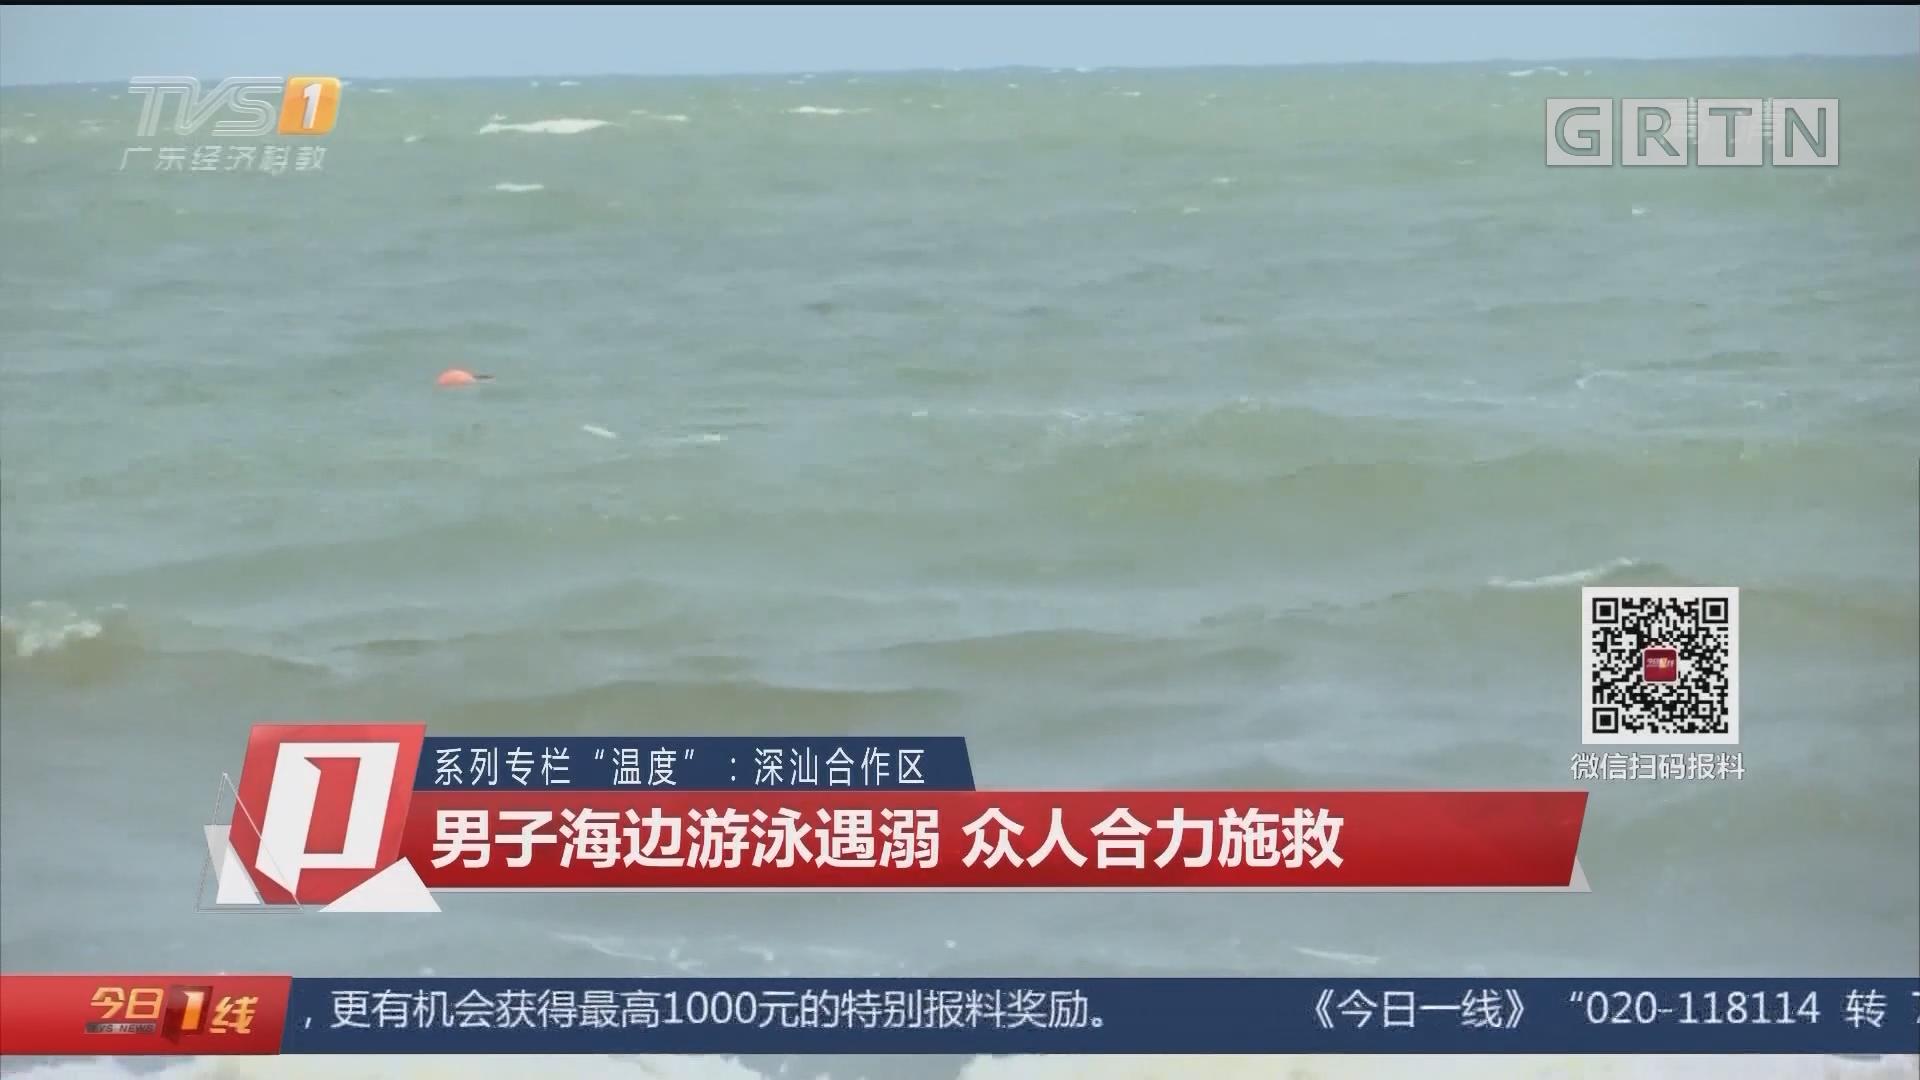 """系列专栏""""温度"""":深汕合作区 男子海边游泳遇溺 众人合力施救"""